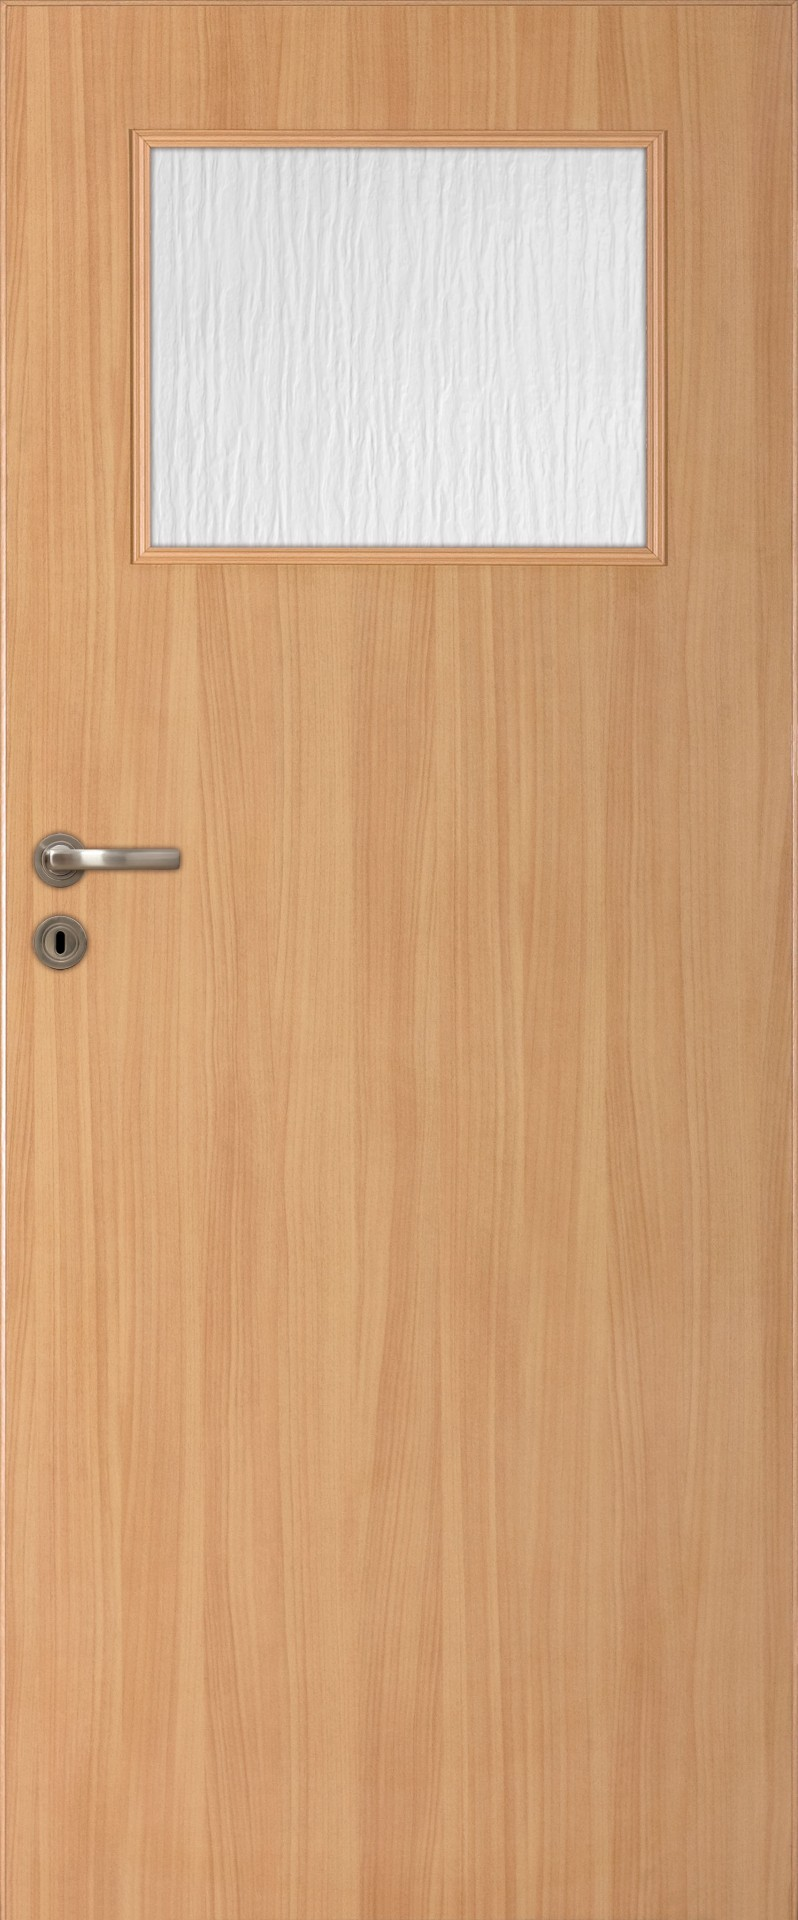 Dre dveře Lack 20, Šíře v cm 70